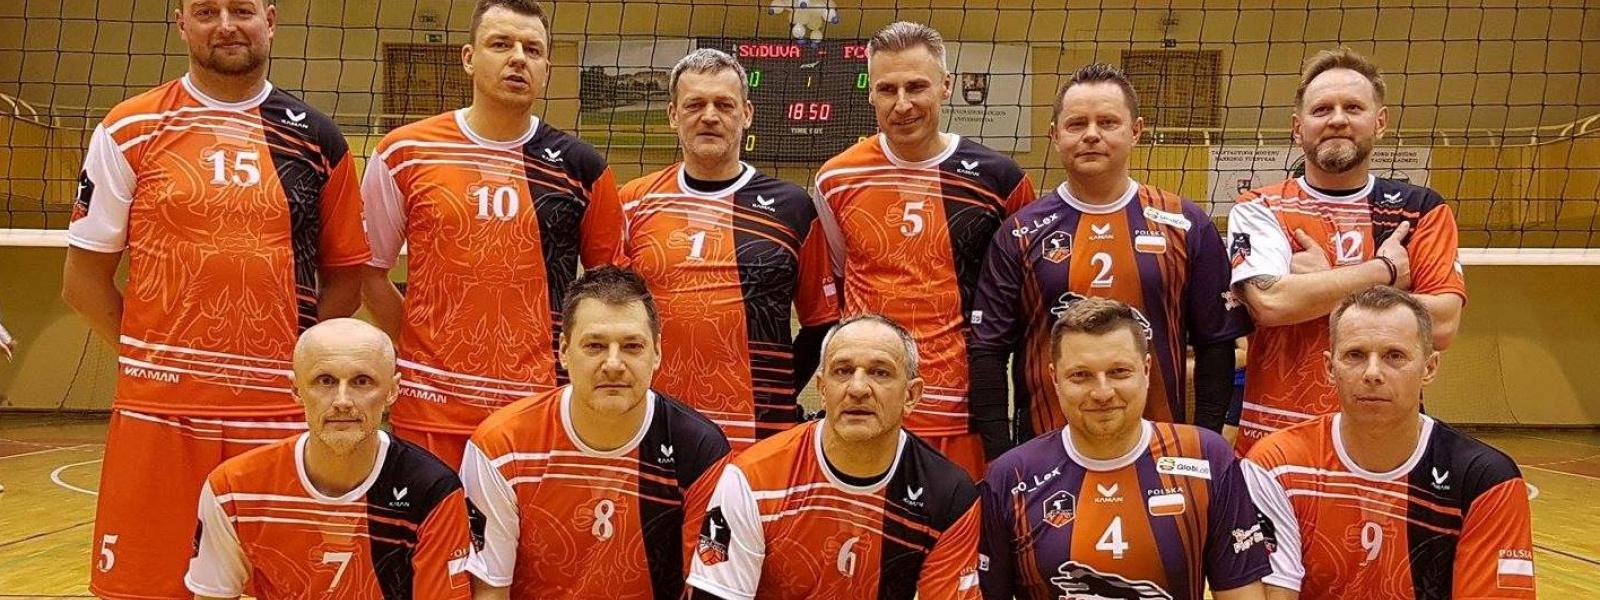 Złoto EEVZA dla Kaman Volley'a